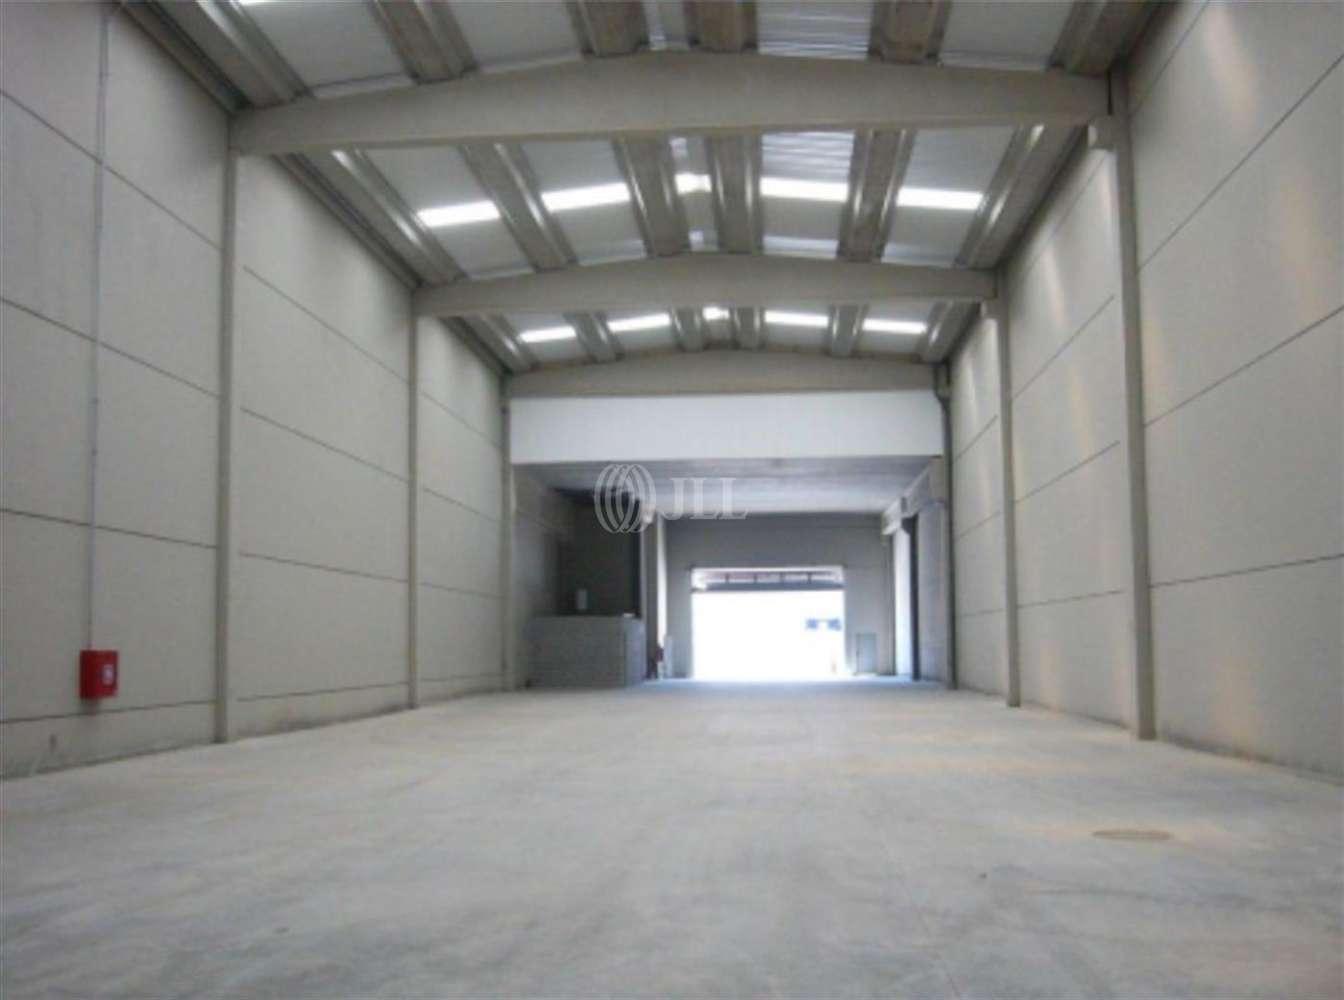 Naves industriales y logísticas Cornellà de llobregat, 08940 - Nave Industrial - B0044 - PI ALMEDA - 25733